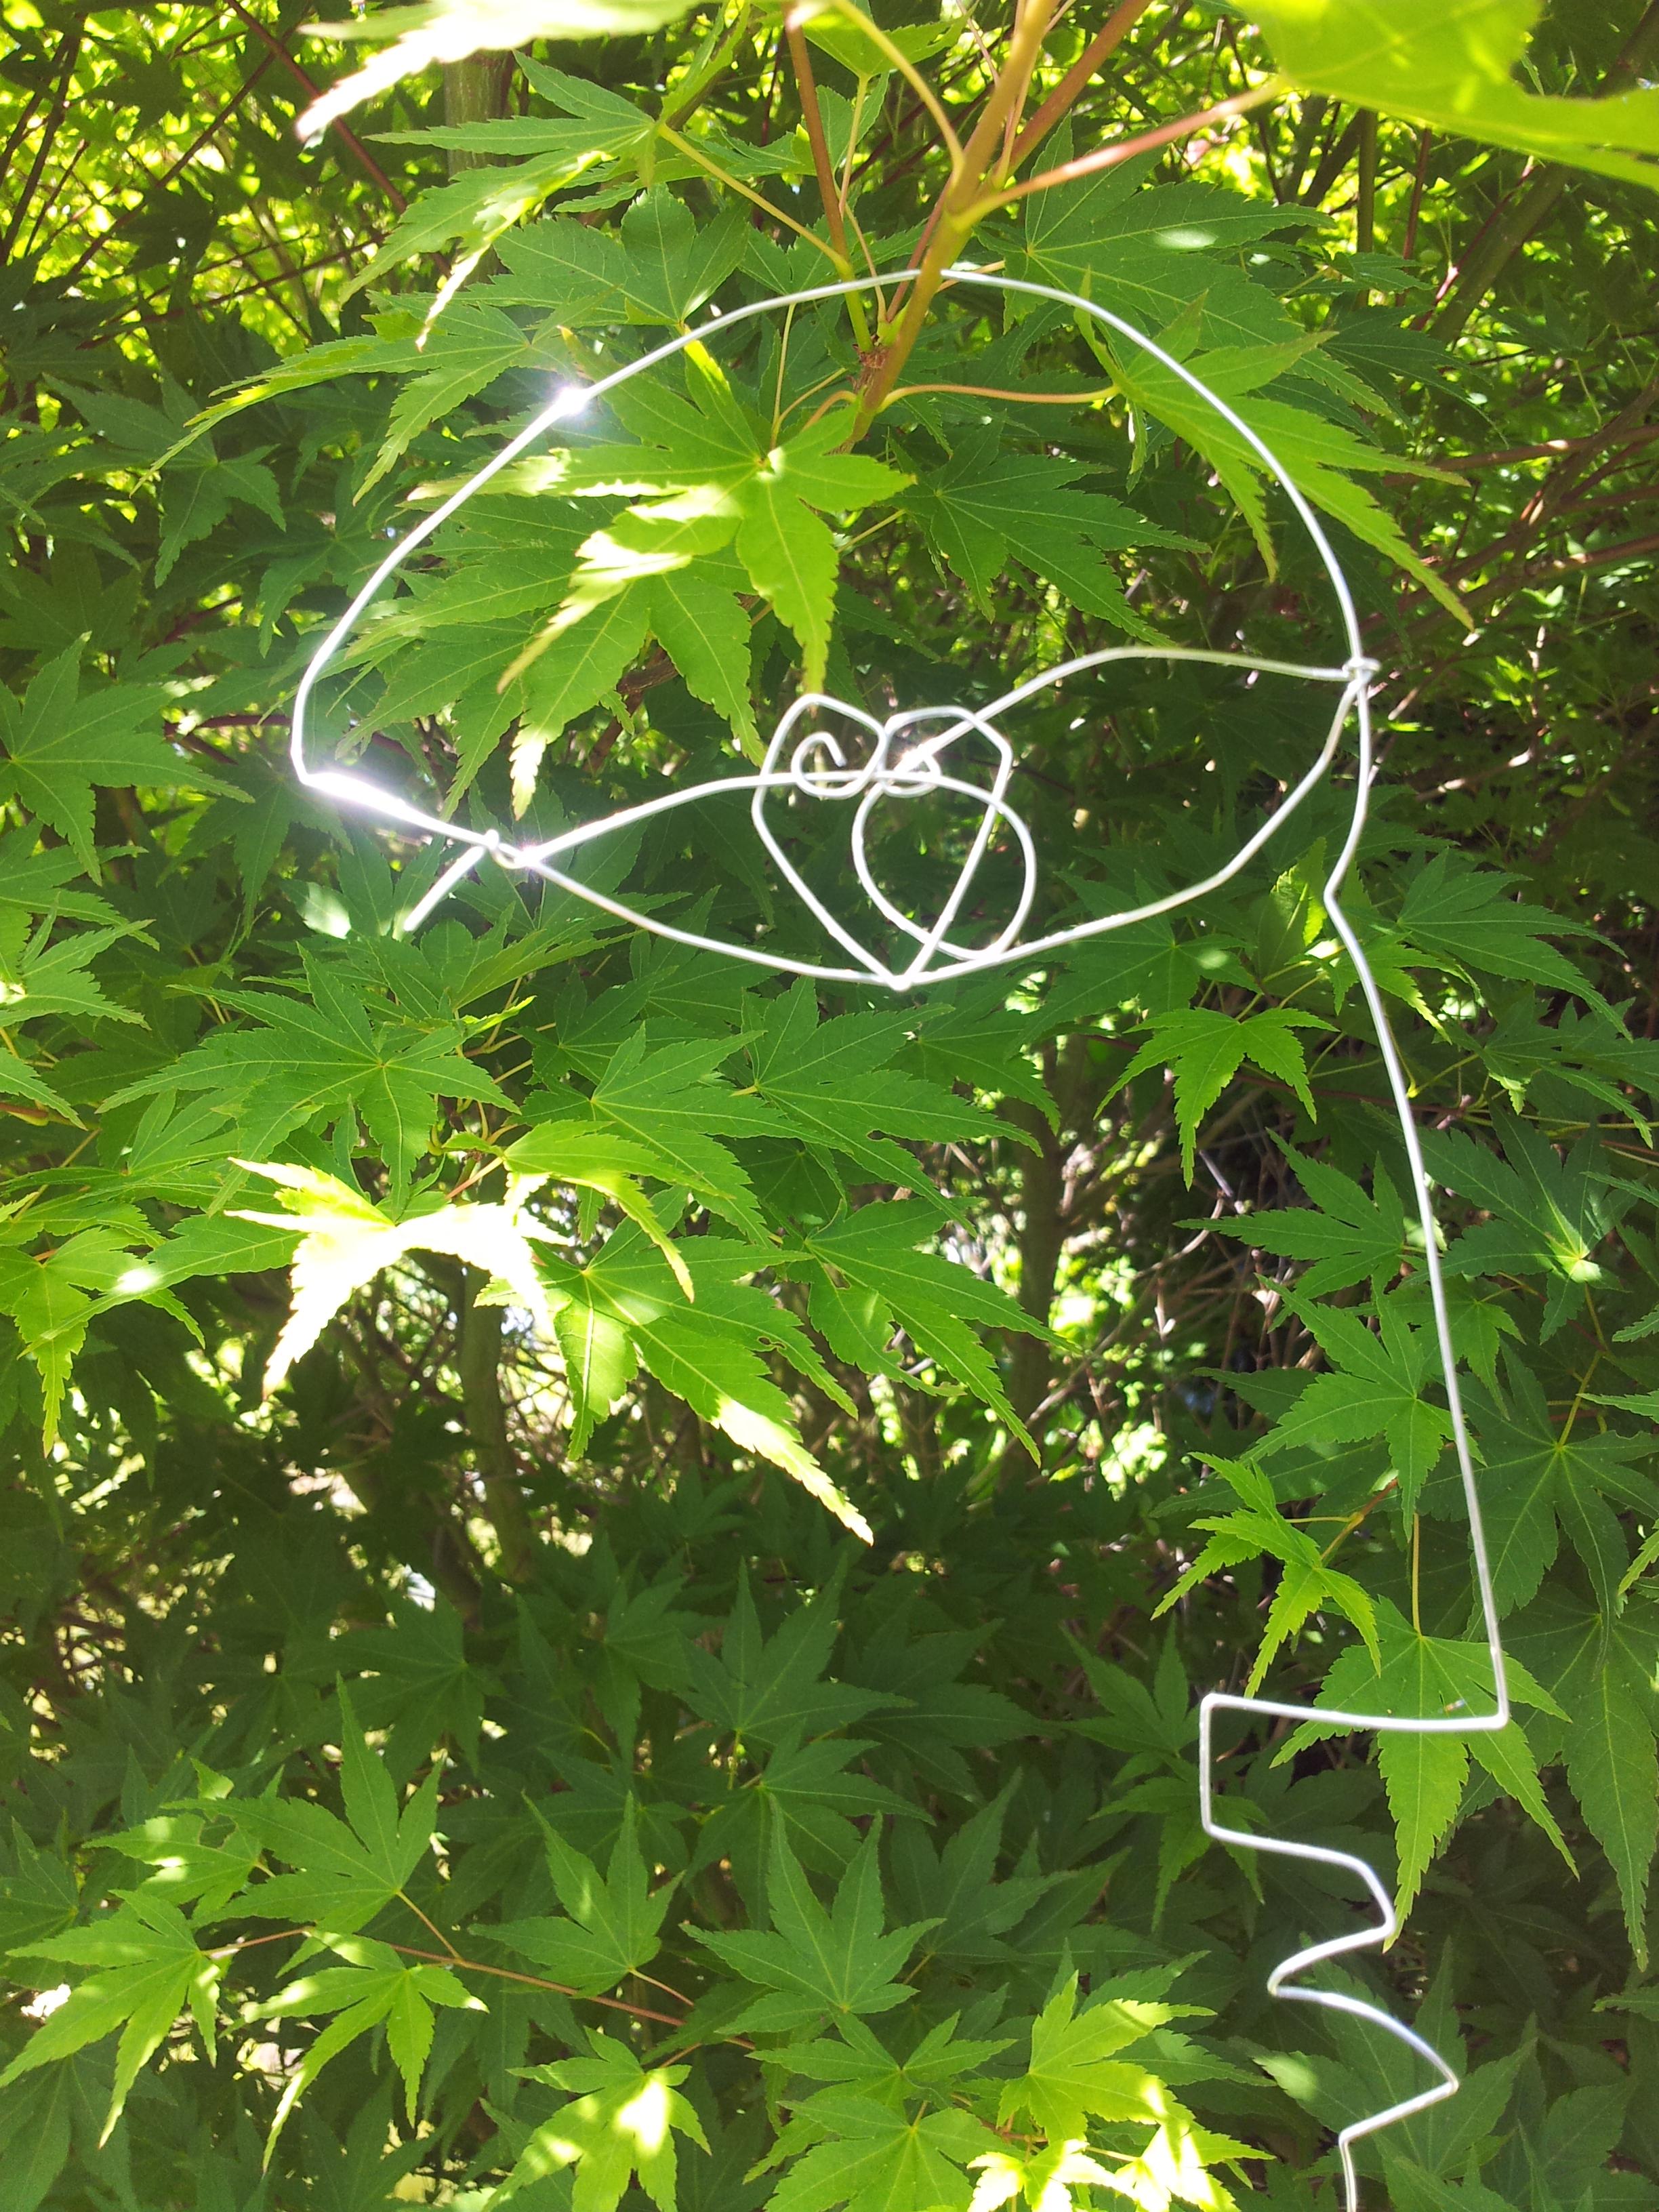 N°1 - LYK - Fil aérien sur arbre dél